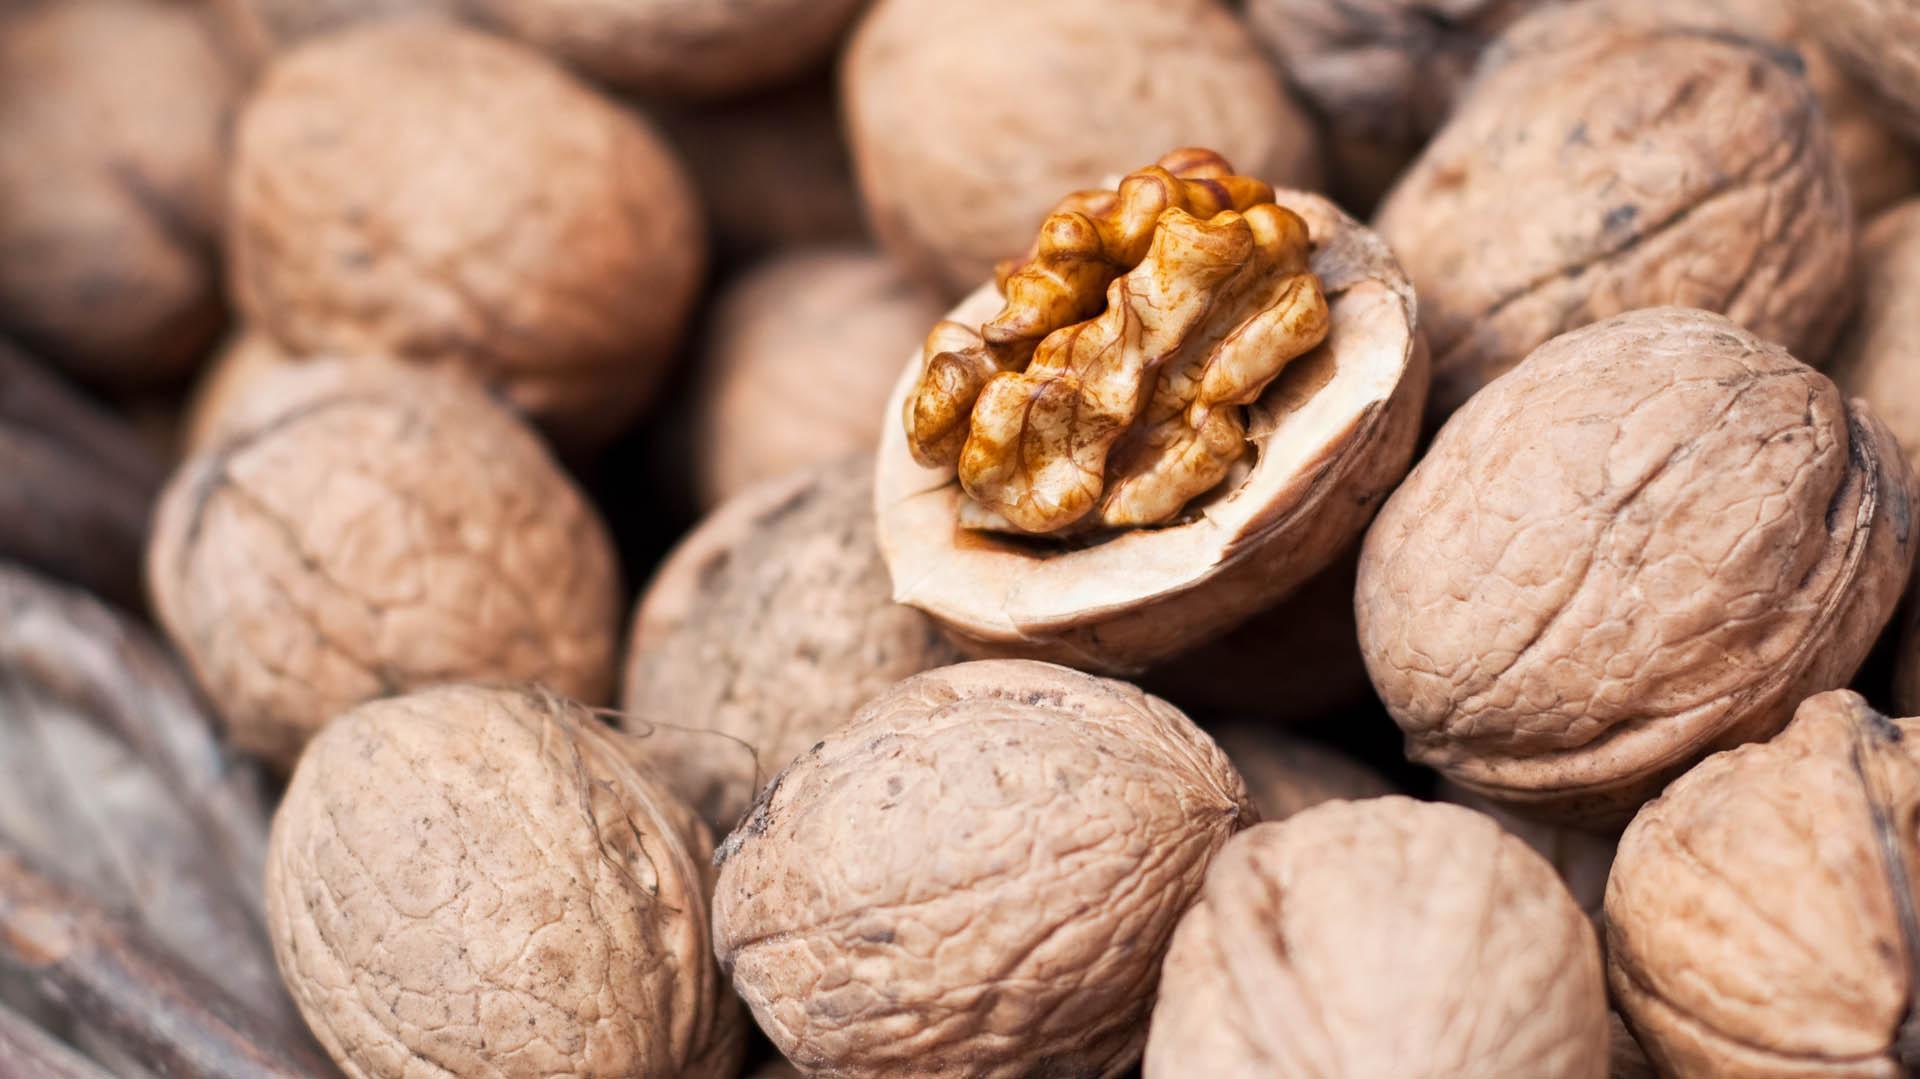 Consecuencias de consumir nueces